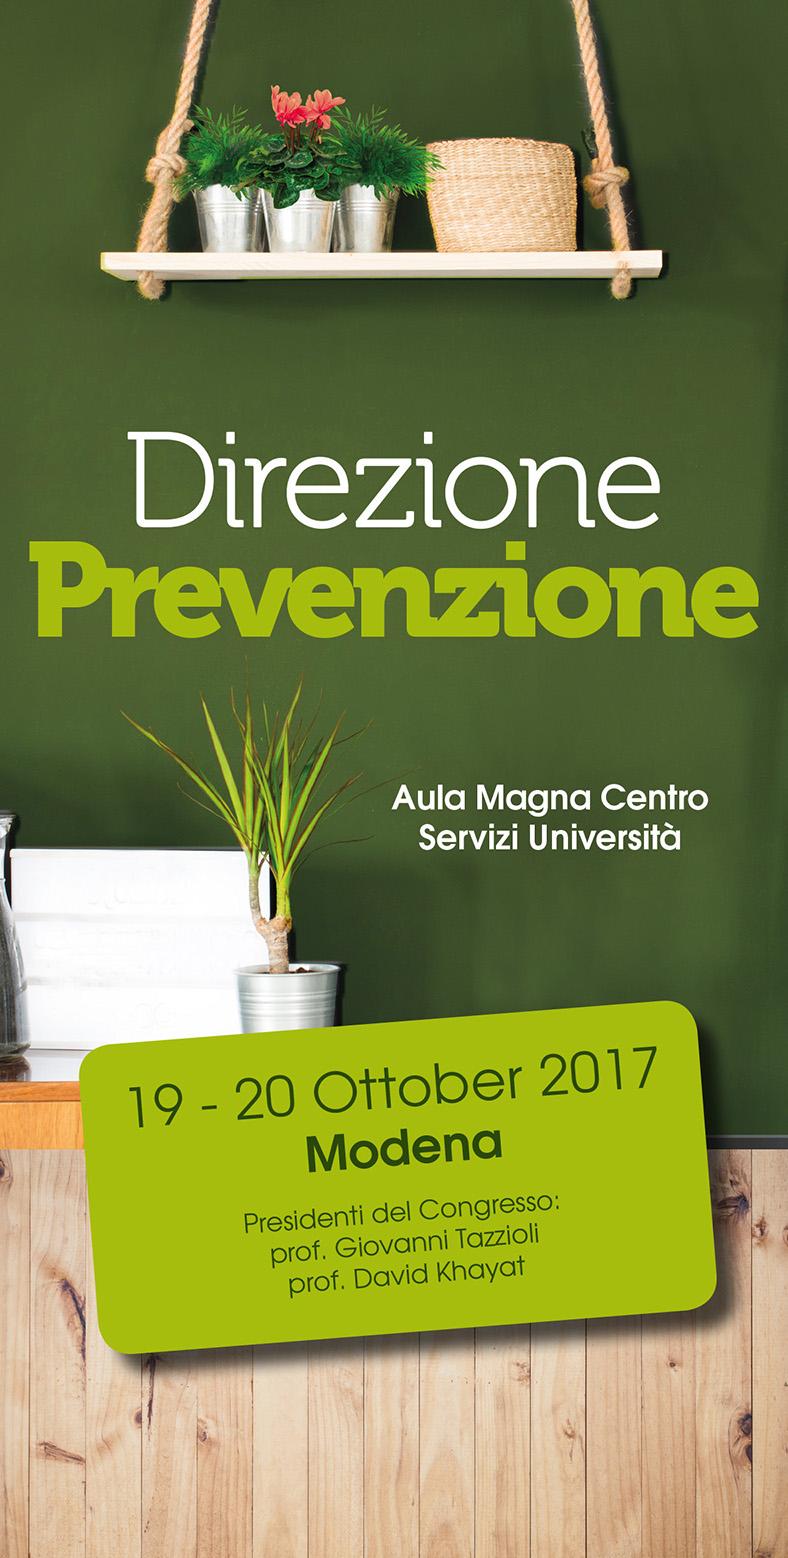 Copertina Direzione Prevenzione Modena 19.20 Ottobre 2017